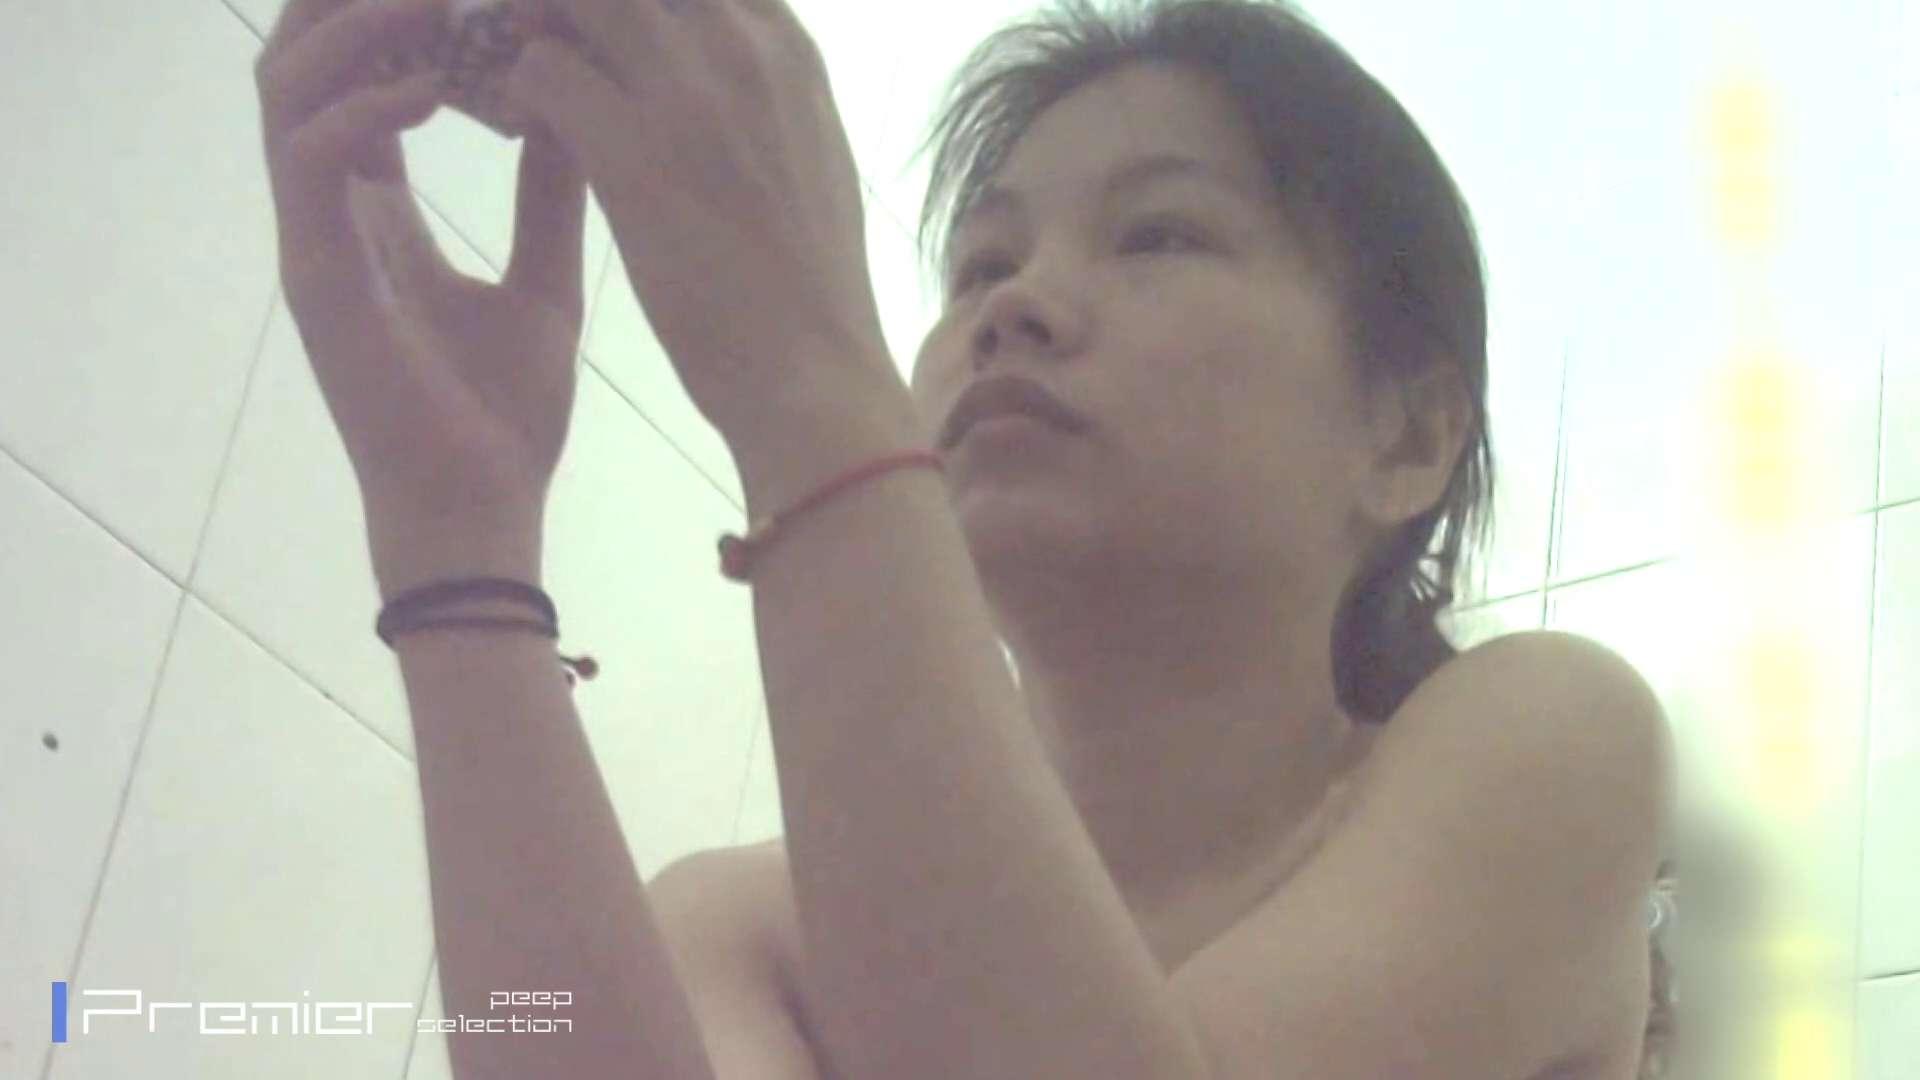 トイレシーンを密着盗撮!! 美女の痴態に密着!Vol.29 OLのボディ オマンコ動画キャプチャ 69PIX 29